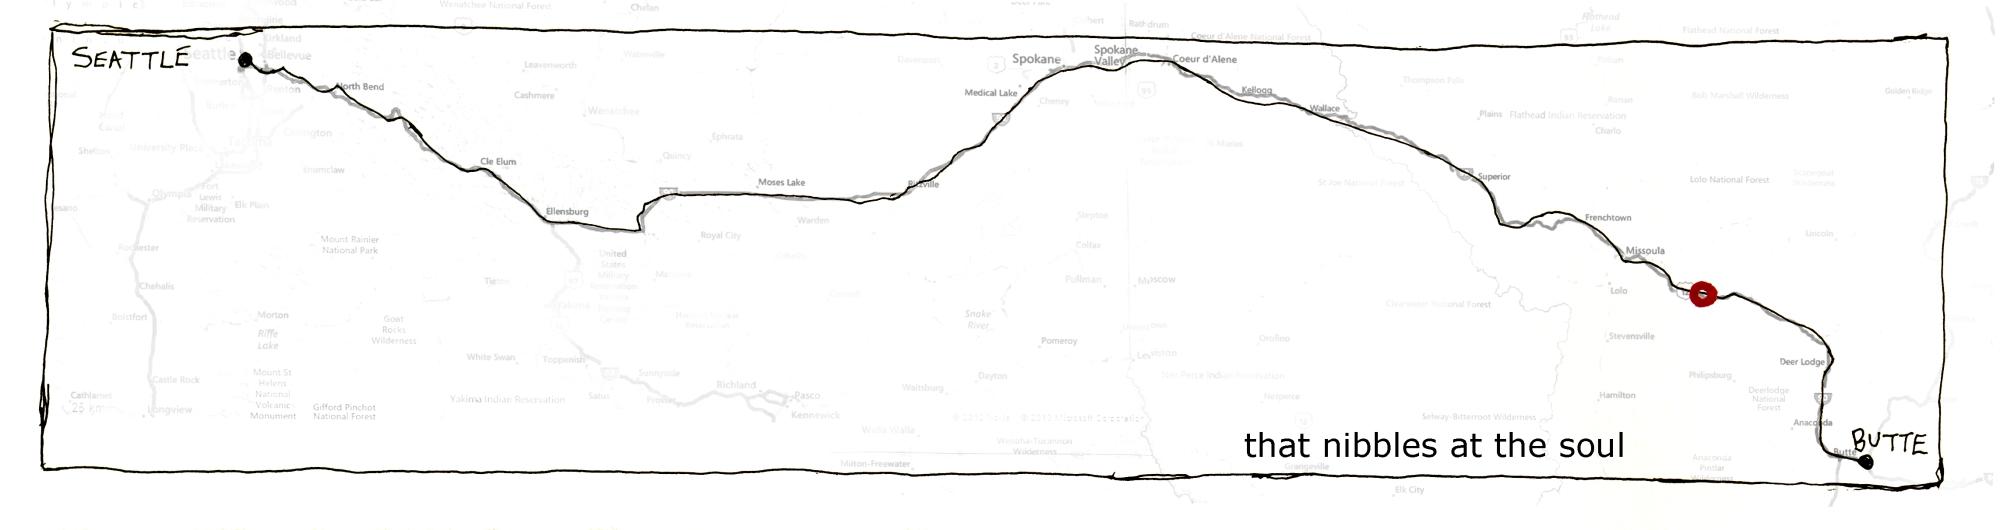 419 map